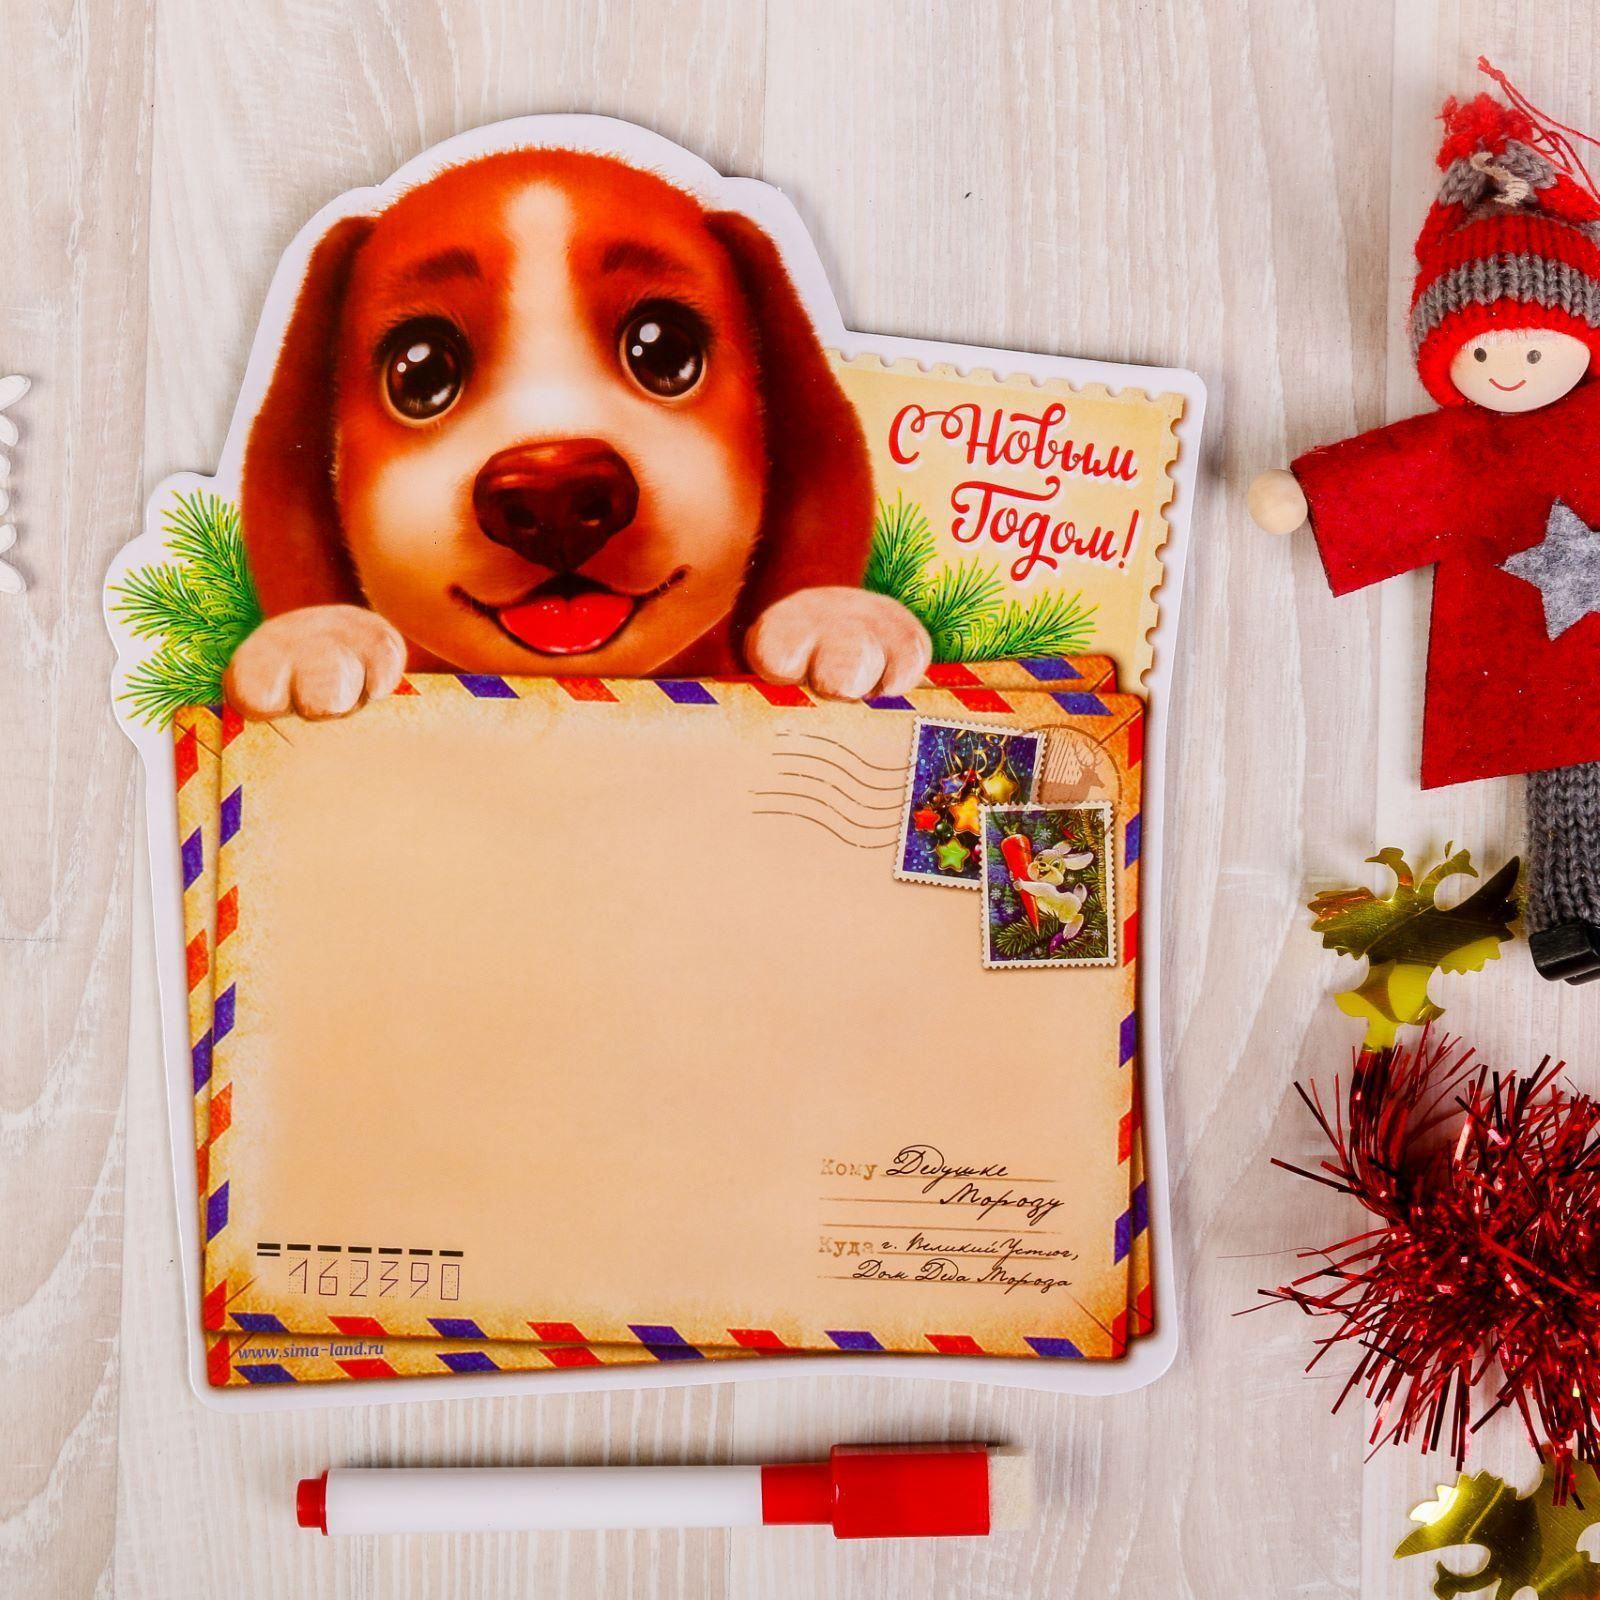 Доска магнитная Sima-land С Новым годом, 20 х 20 см. 21962142196214Порадуйте родных и близких оригинальным сувениром: преподнесите в подарок магнит. С ним даже самый серьёзный человек почувствует себя ребёнком, ожидающим чудо! Создайте праздничное настроение, и оно останется с вами на весь год.